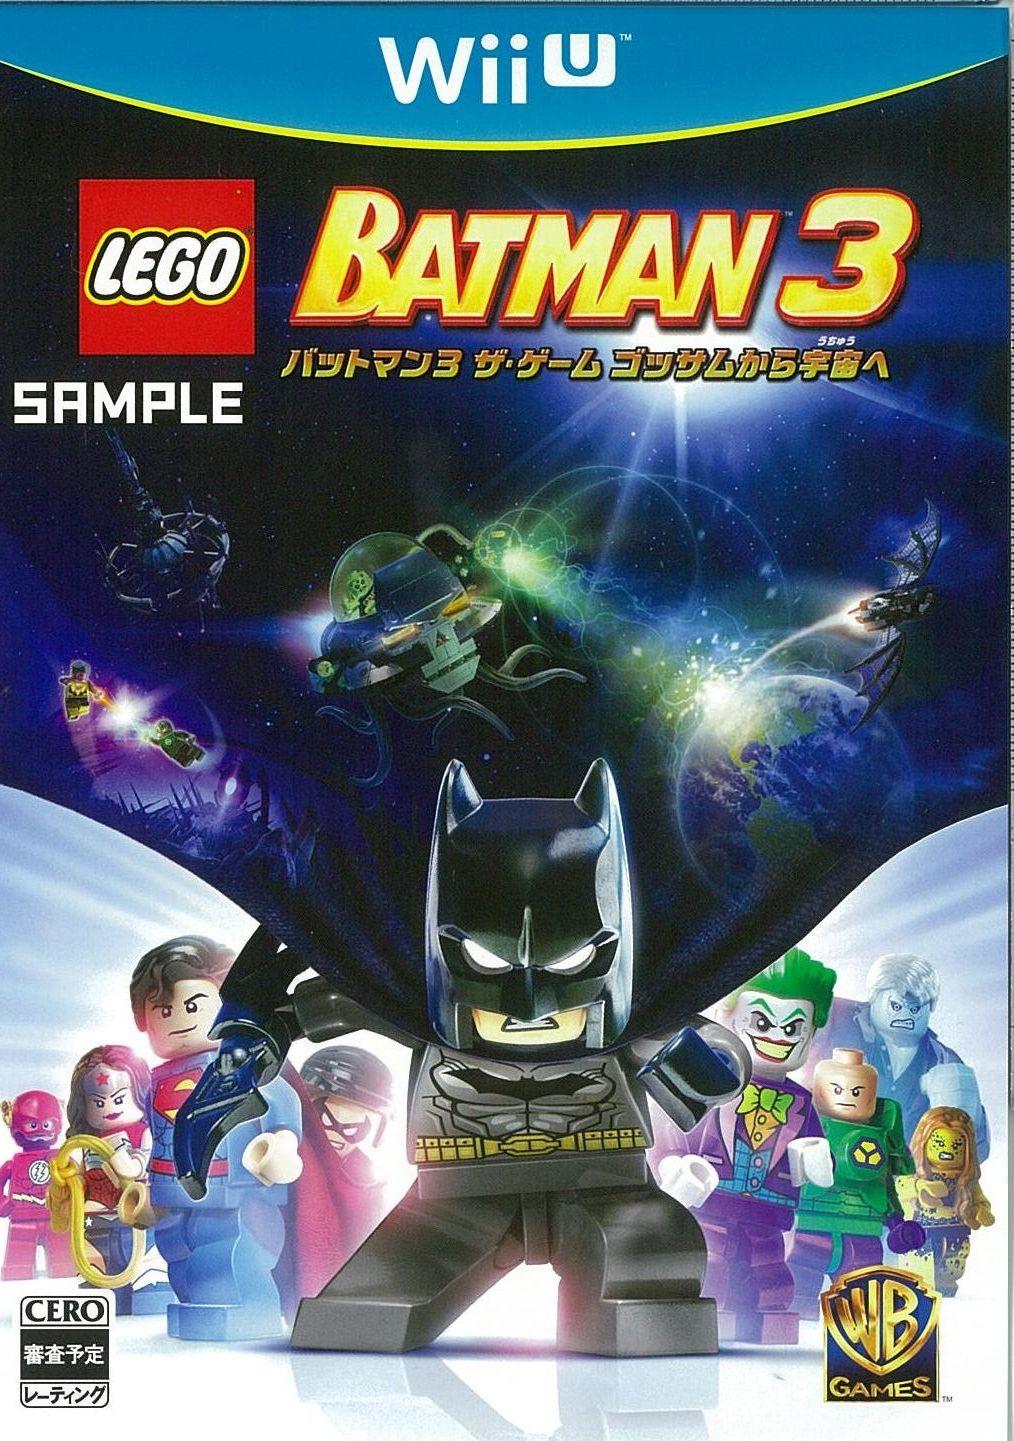 LEGOバットマン3 ザ・ゲーム ゴッサムから宇宙へ [WiiU版]